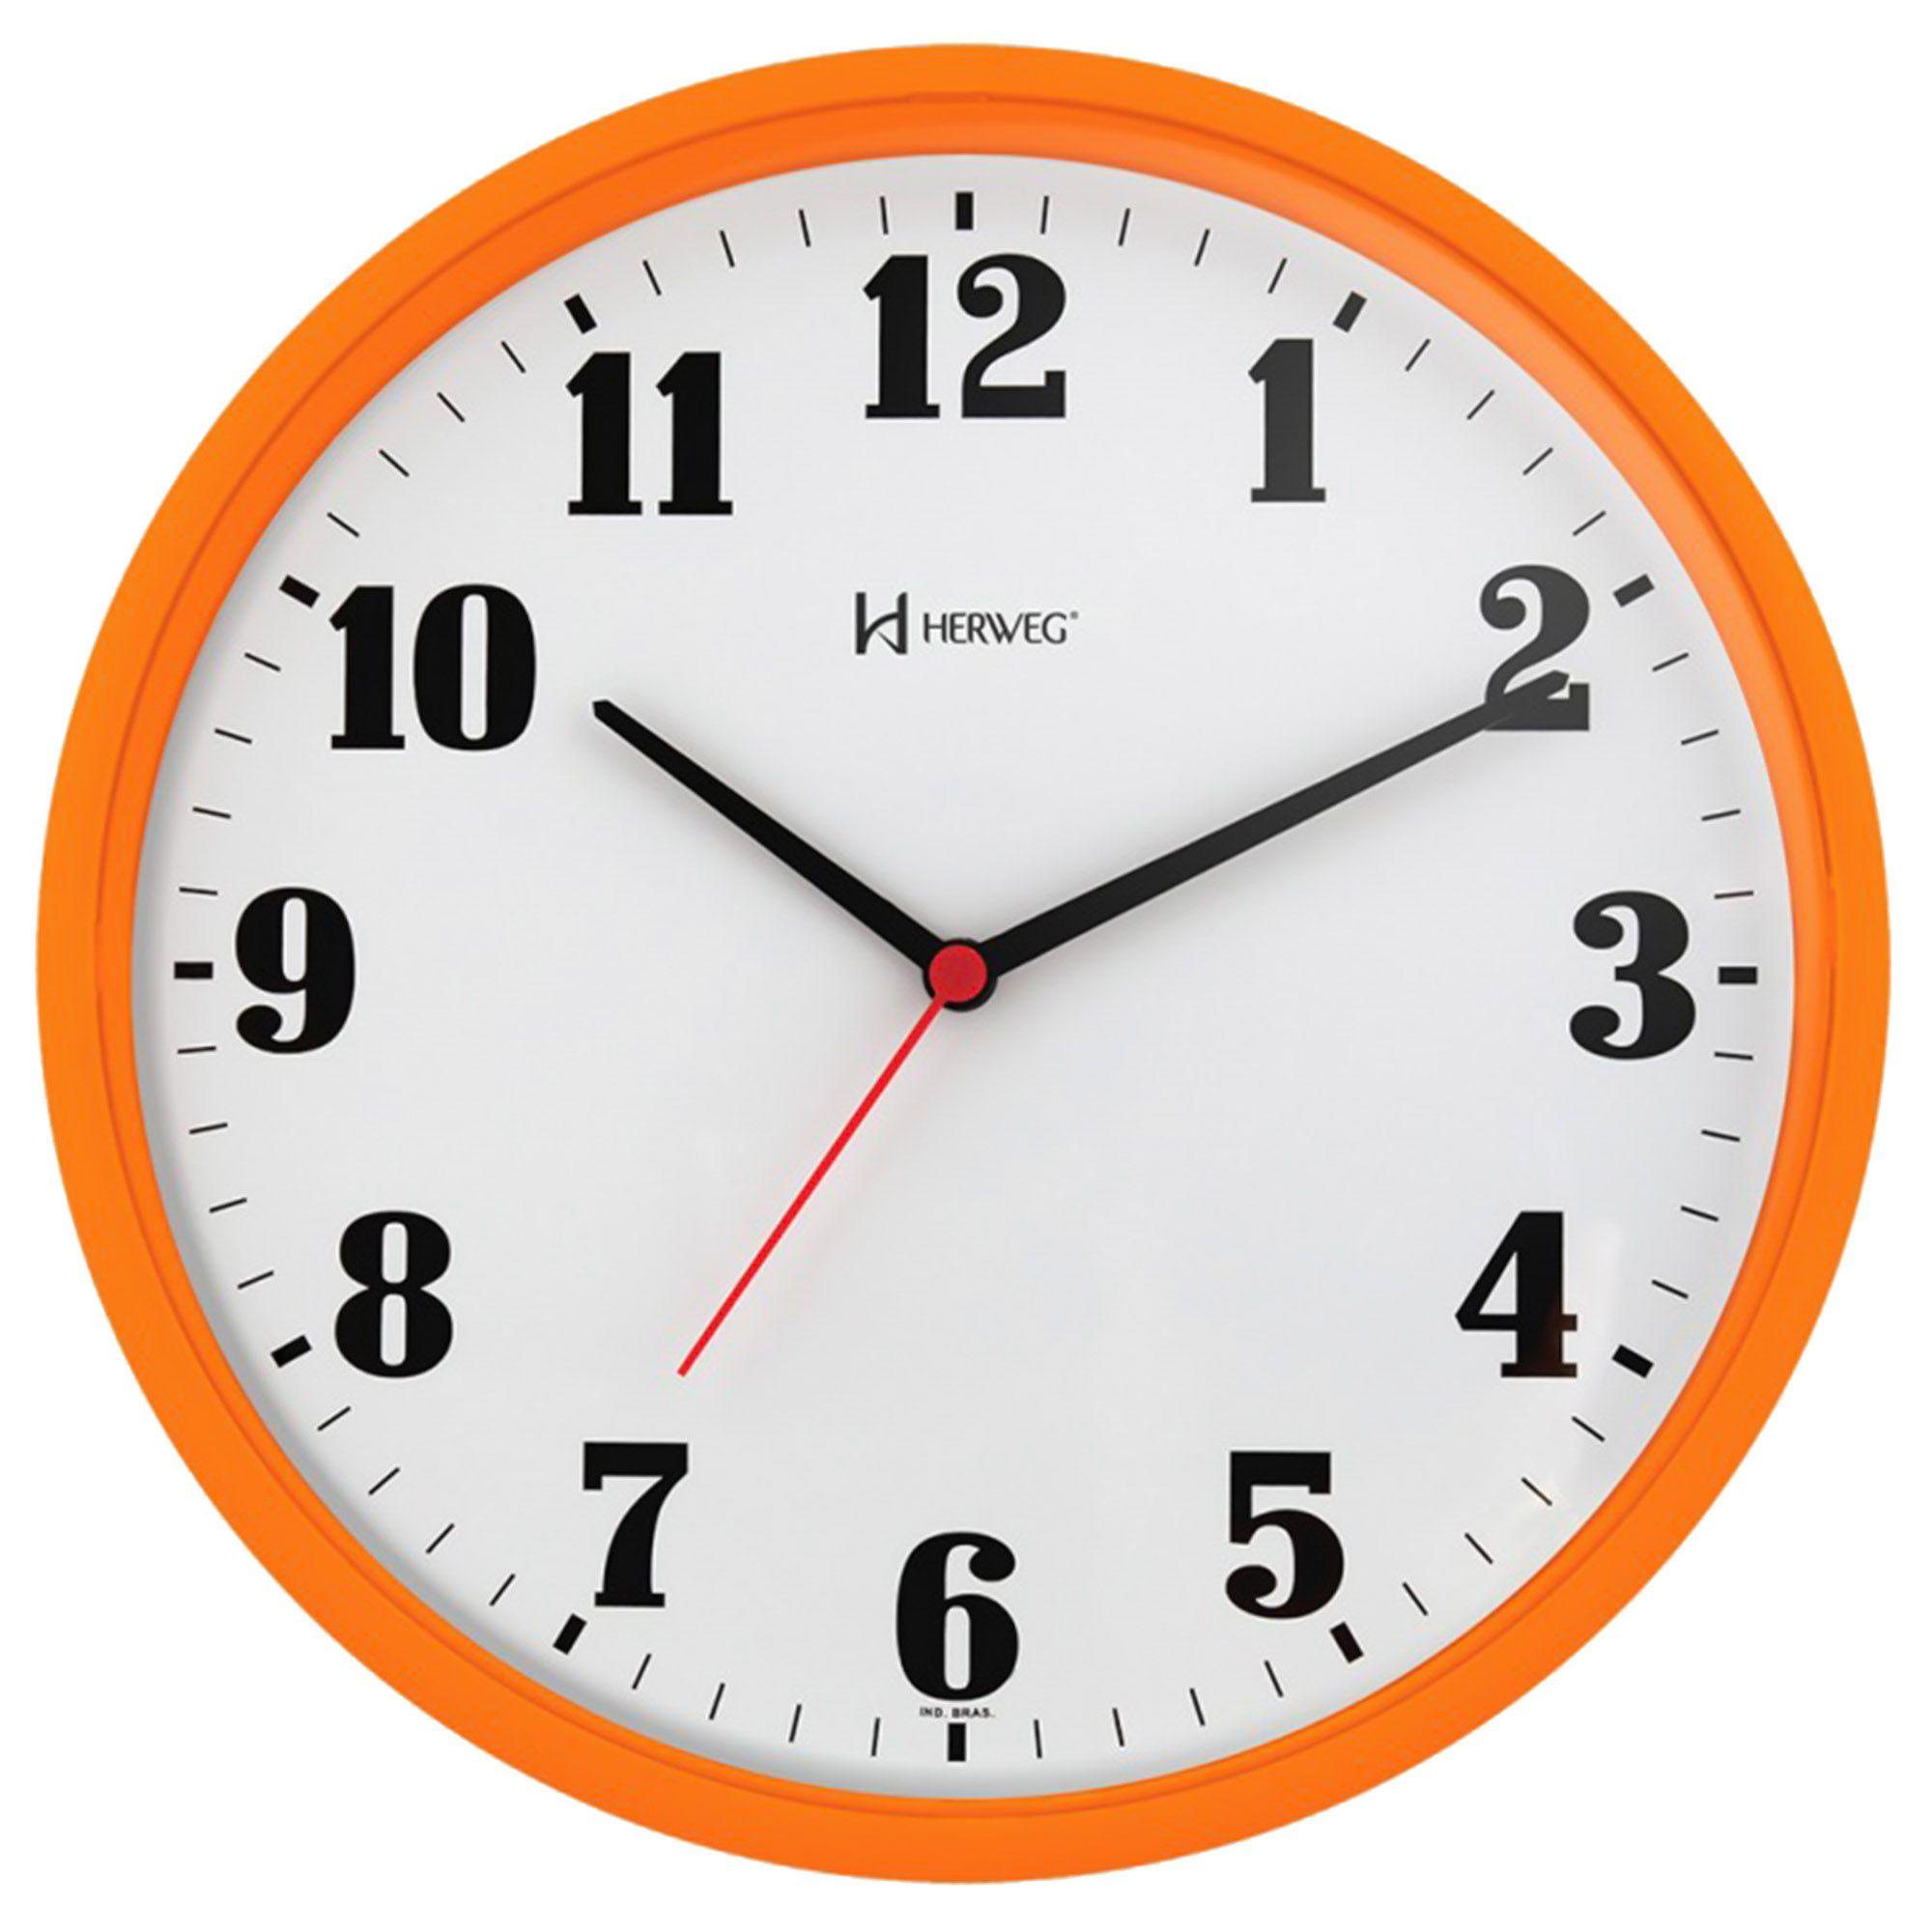 Relógio de Parede Analógico Herweg 6126 270 Laranja Pantone